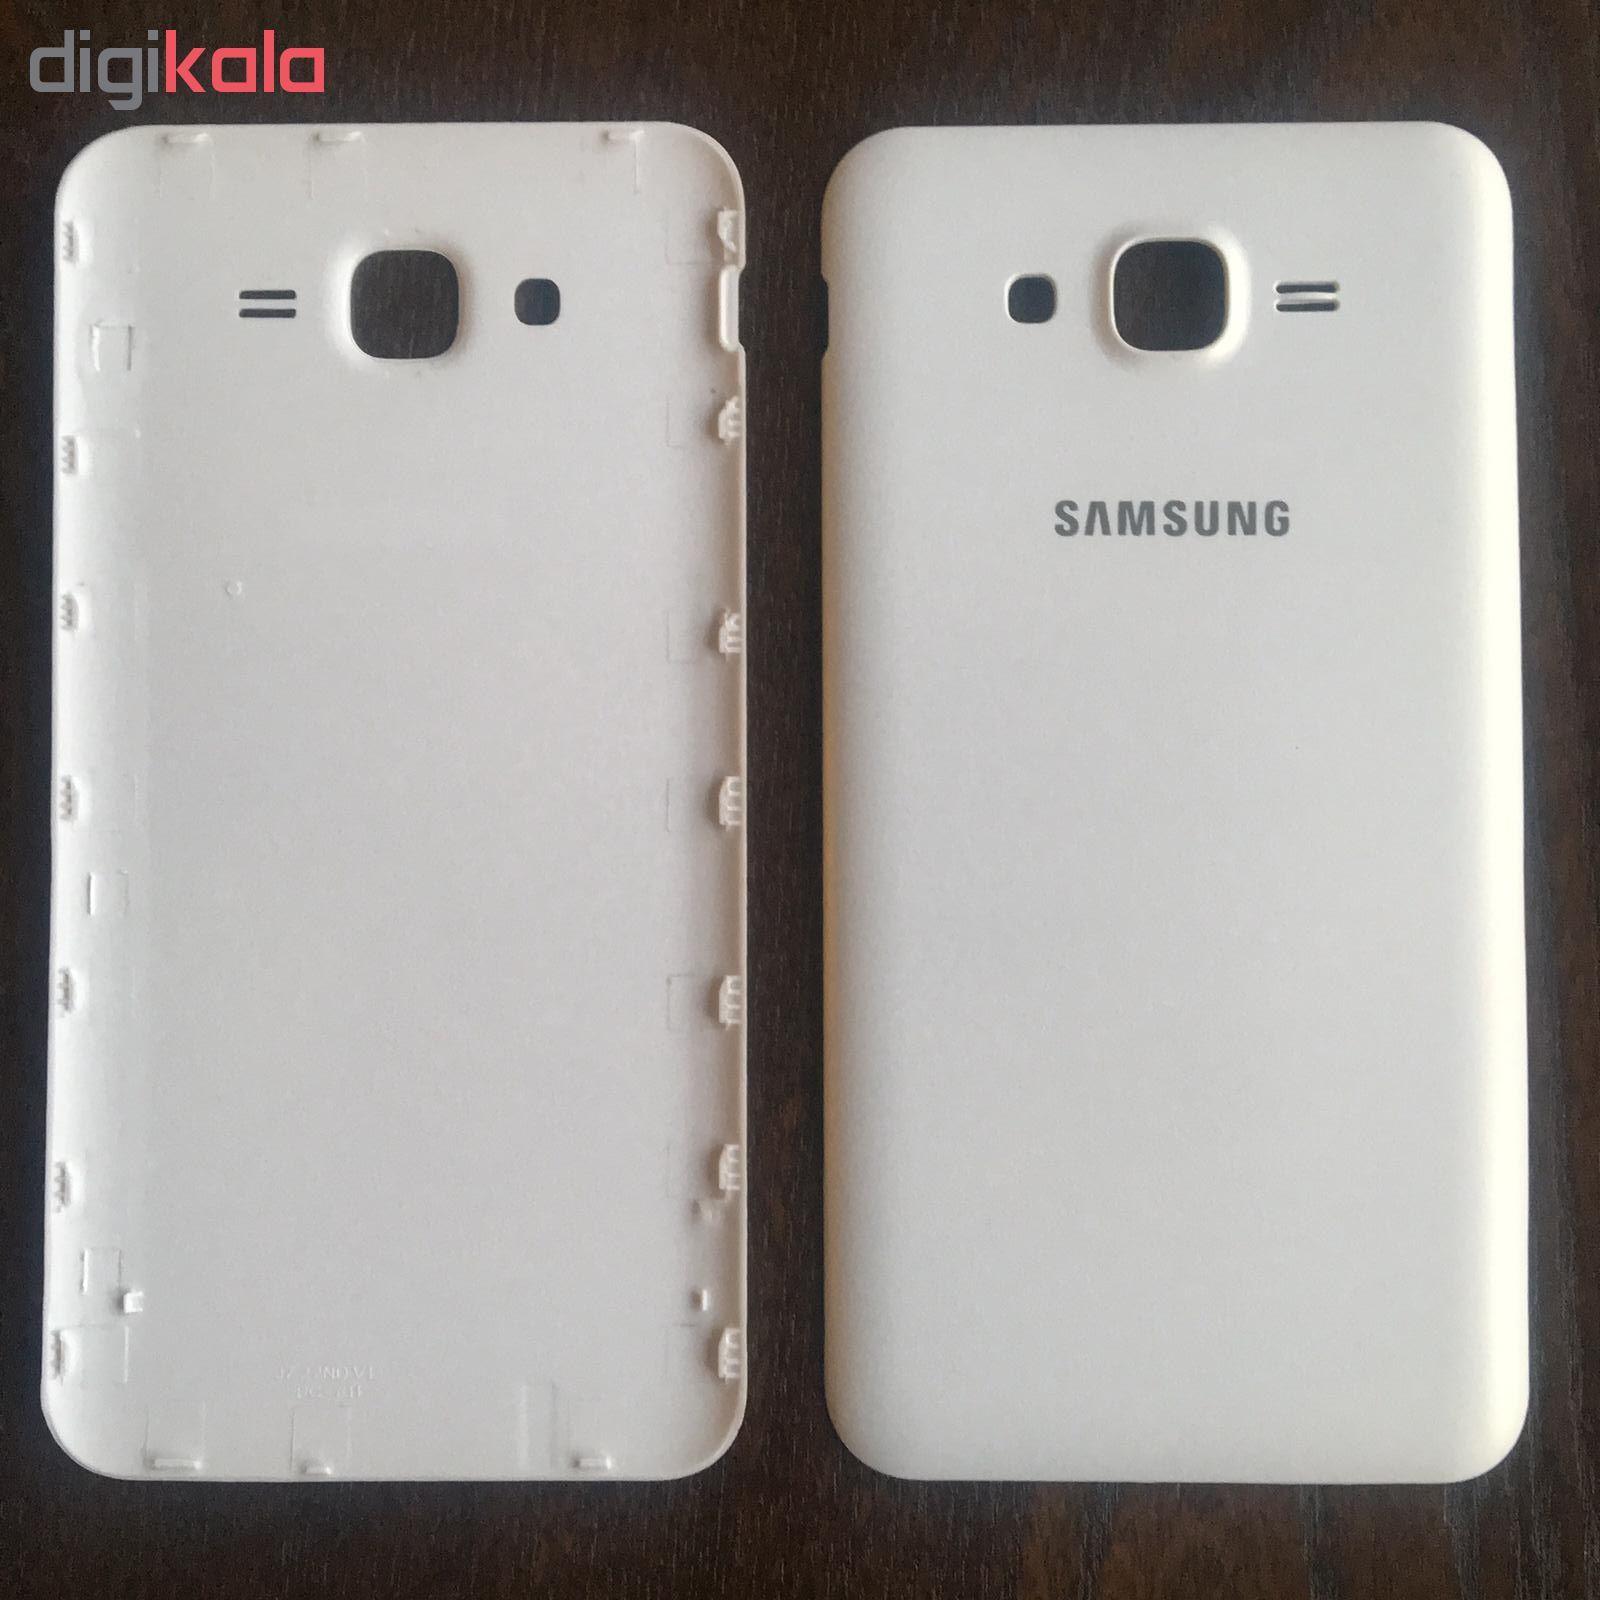 درب پشت گوشی مدل J715 مناسب برای گوشی موبایل سامسونگ Galaxy J7 2015 main 1 3